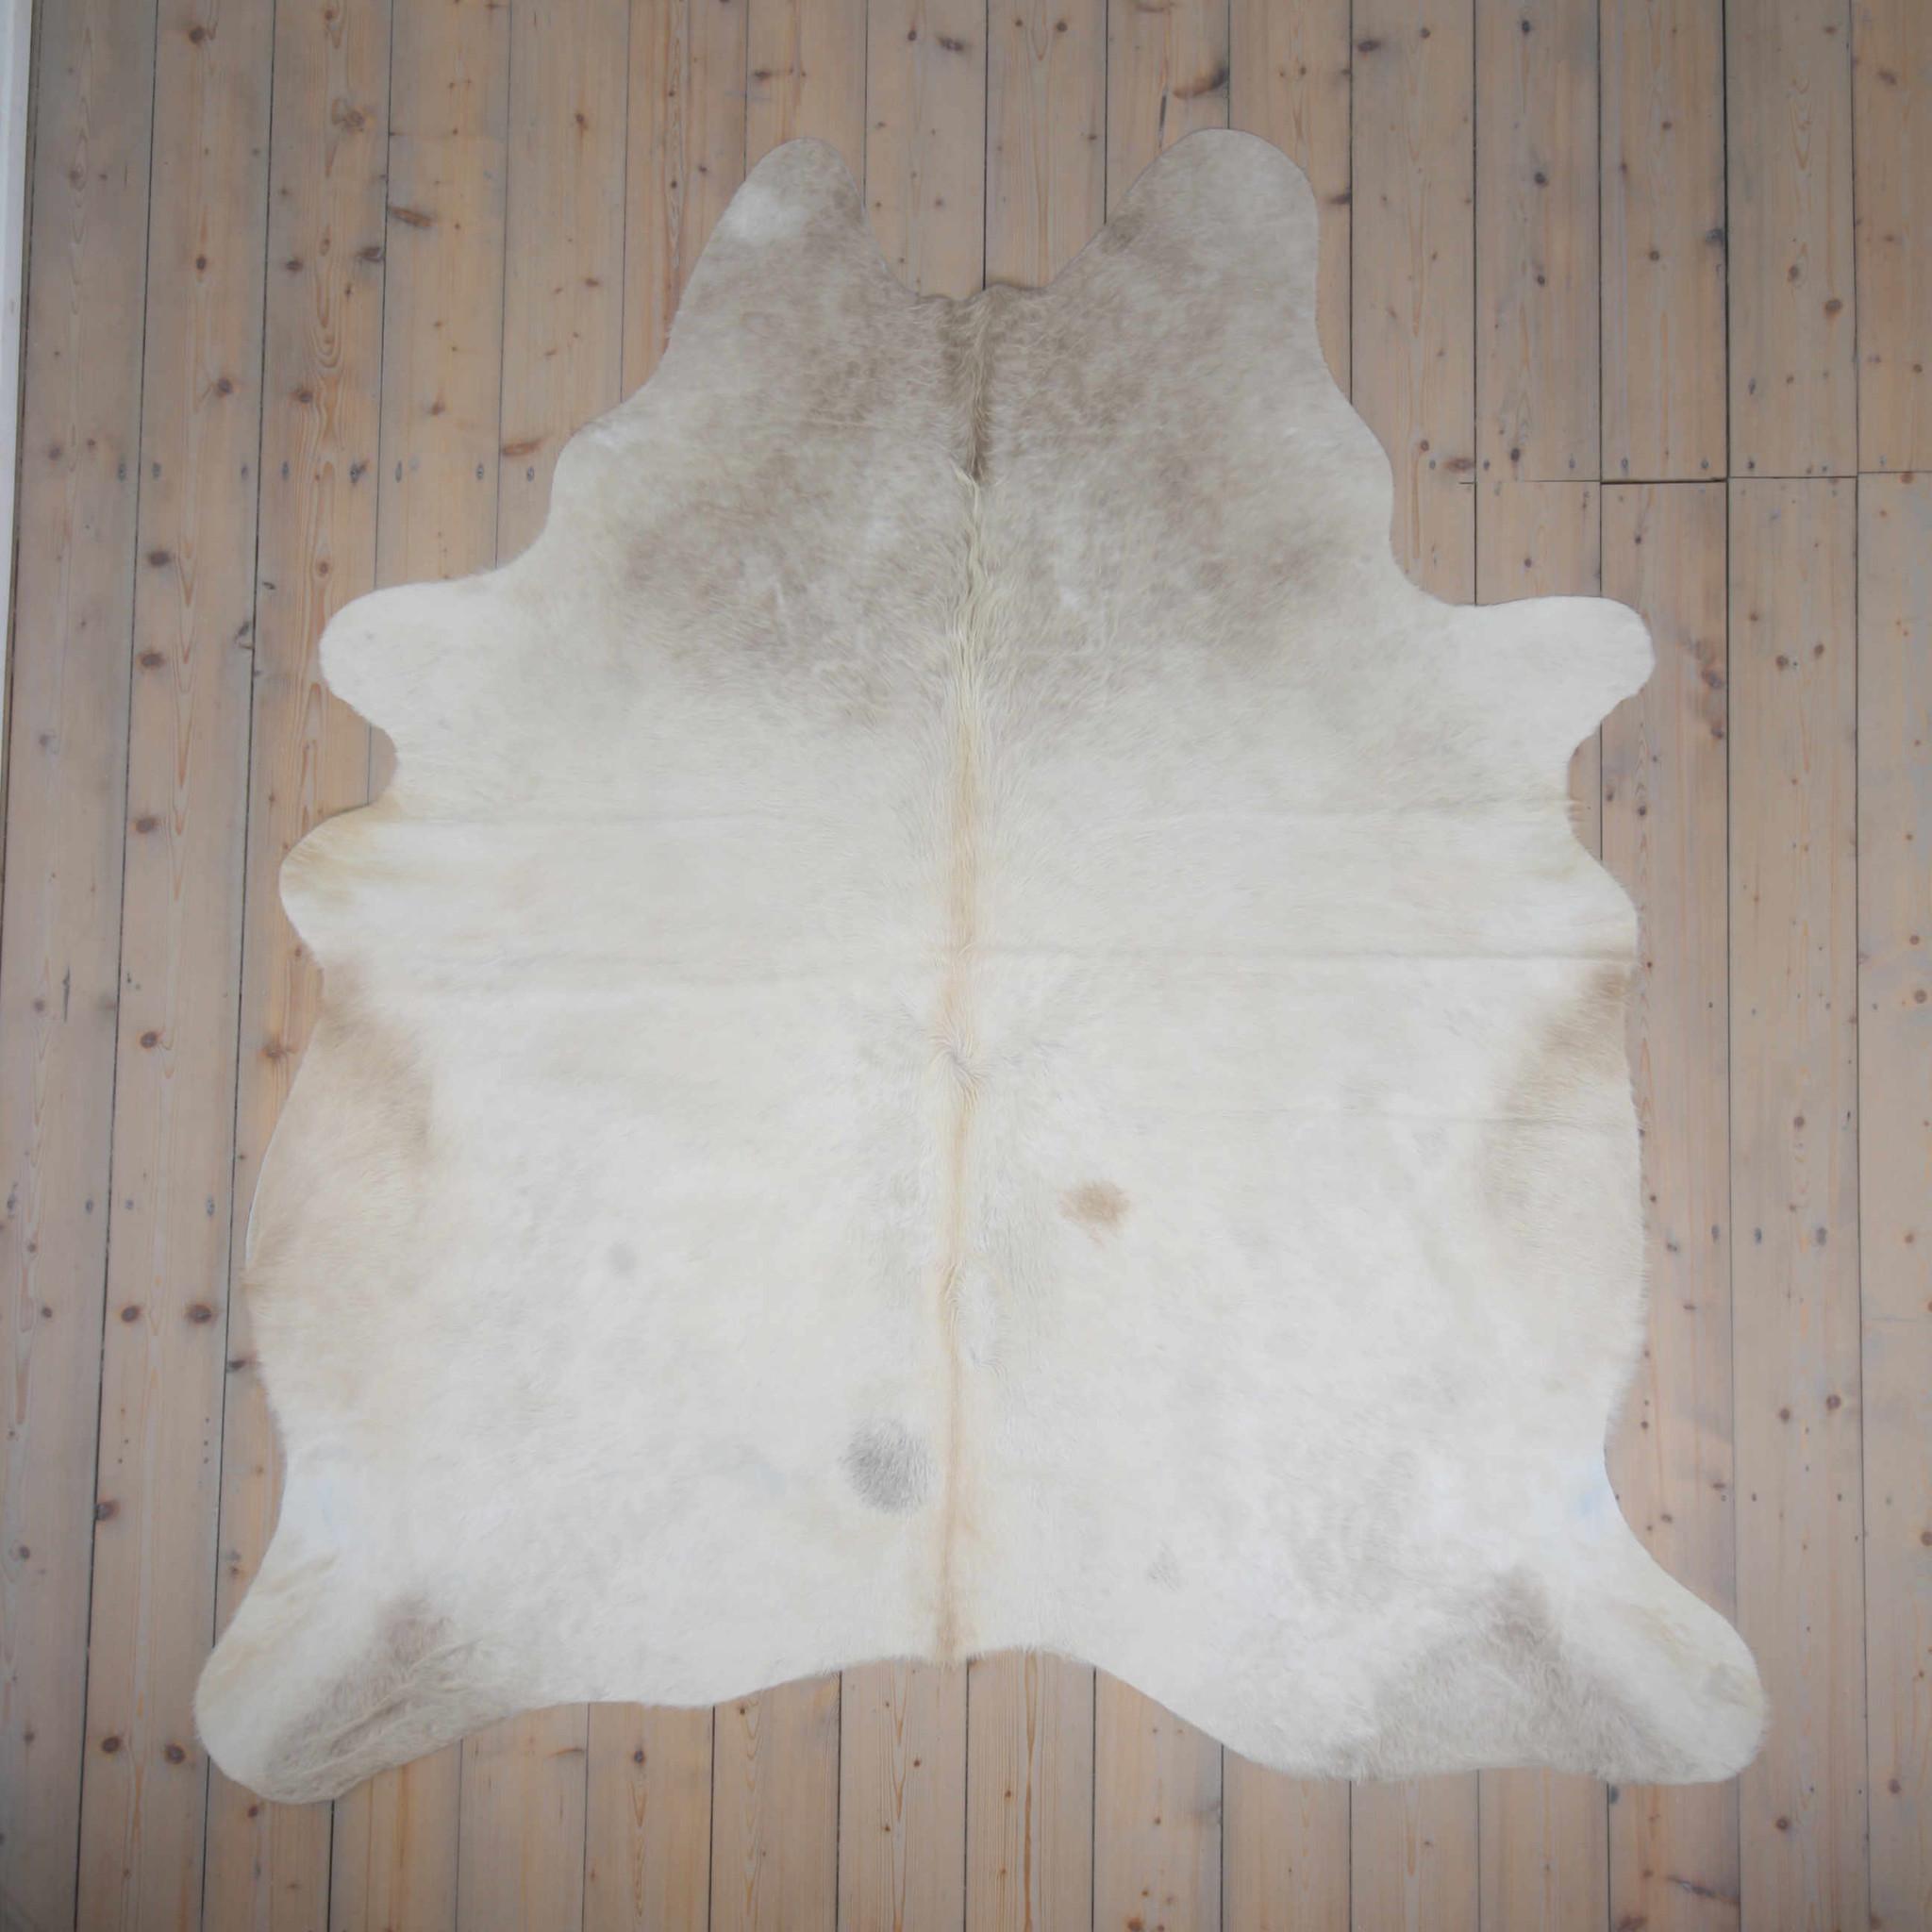 Van Buren Koeienhuid - Champagne - 200x200 cm